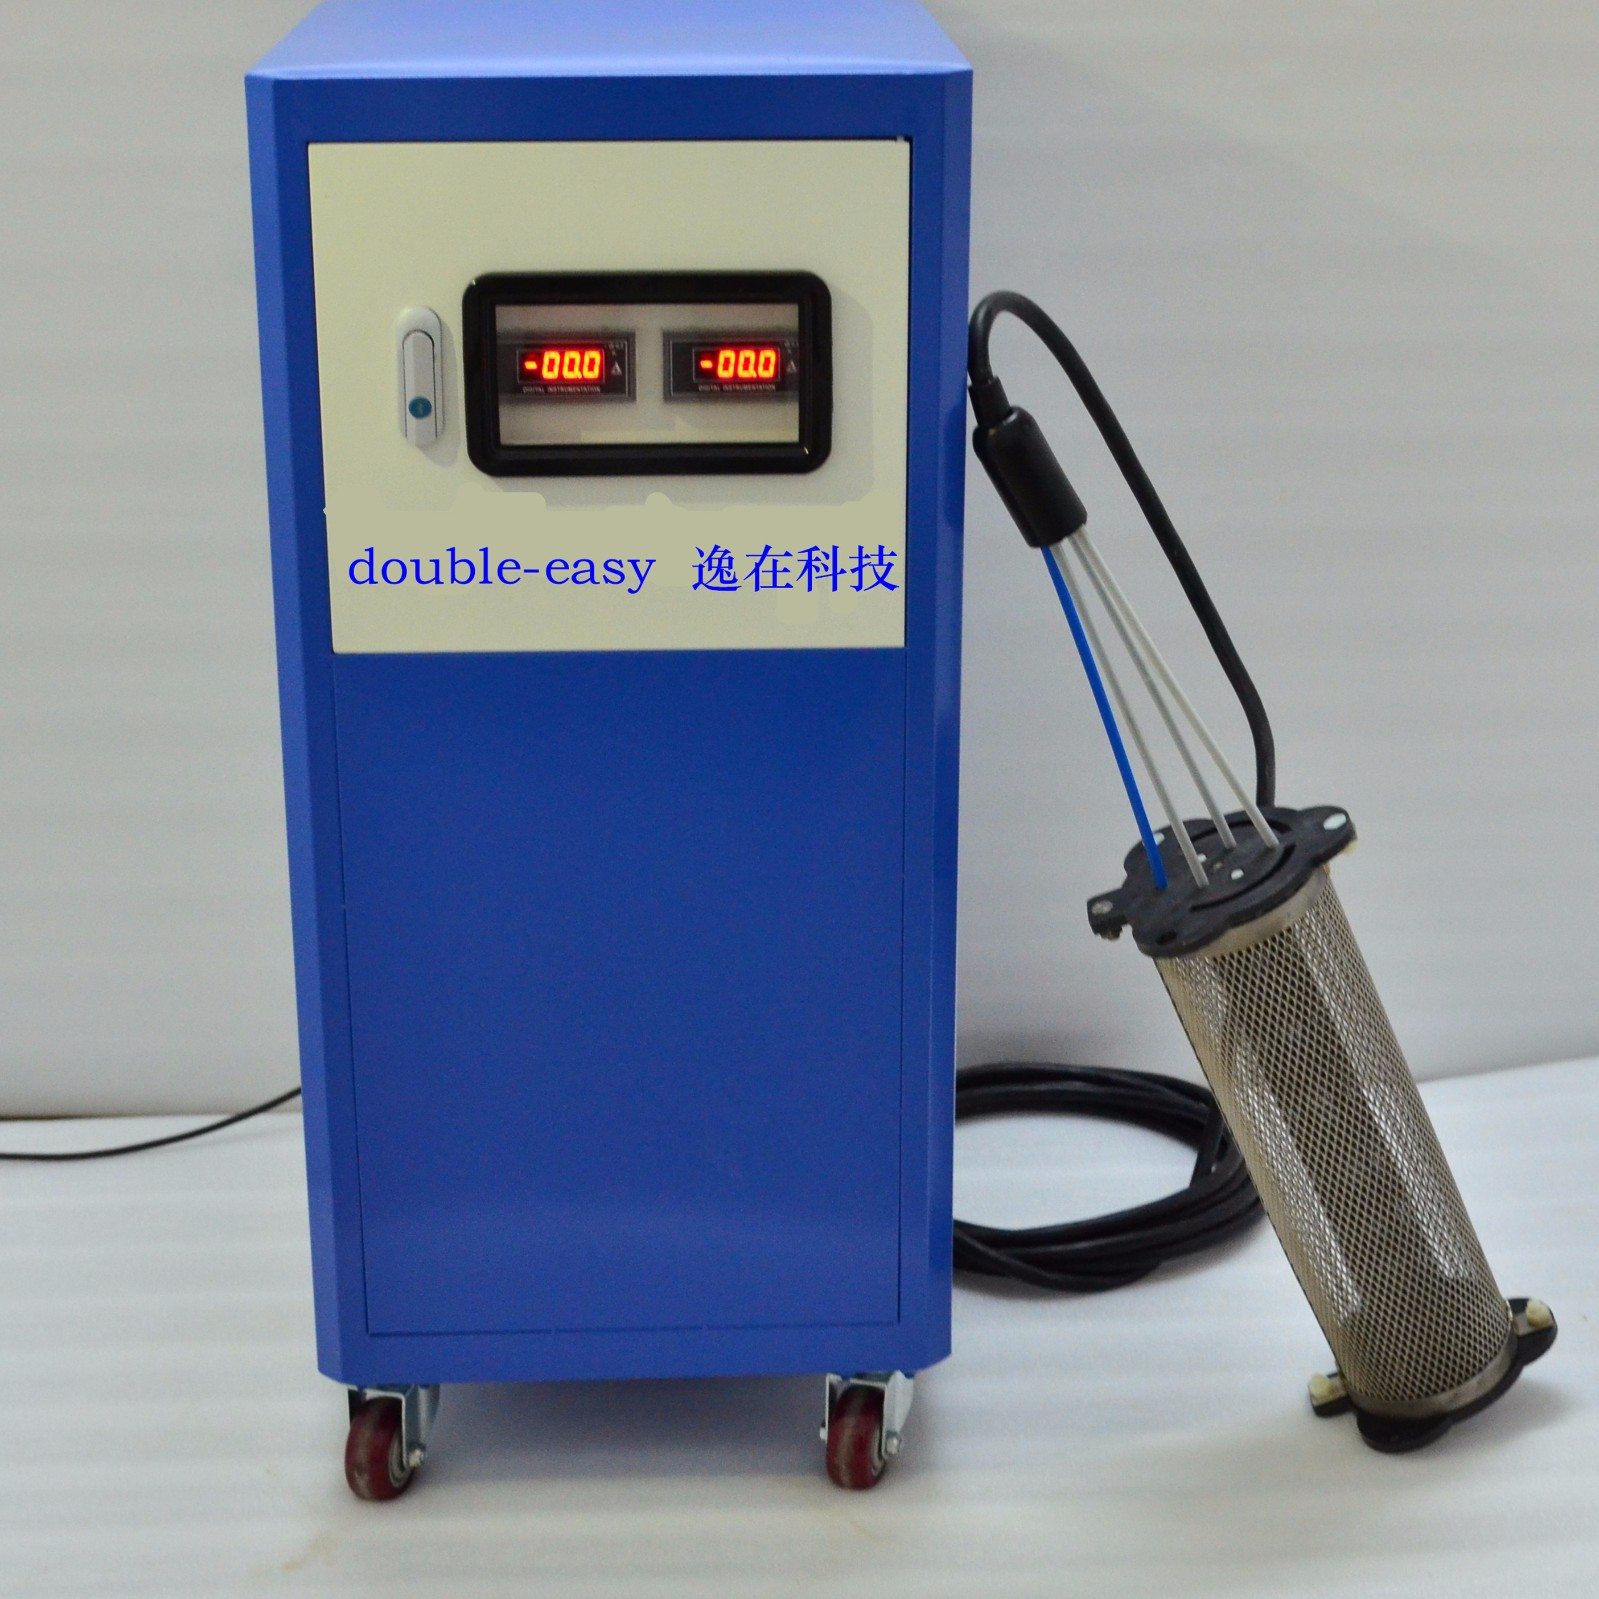 水处置除垢呆板_广东臭氧发作器_广州逸在智能科技无限公司